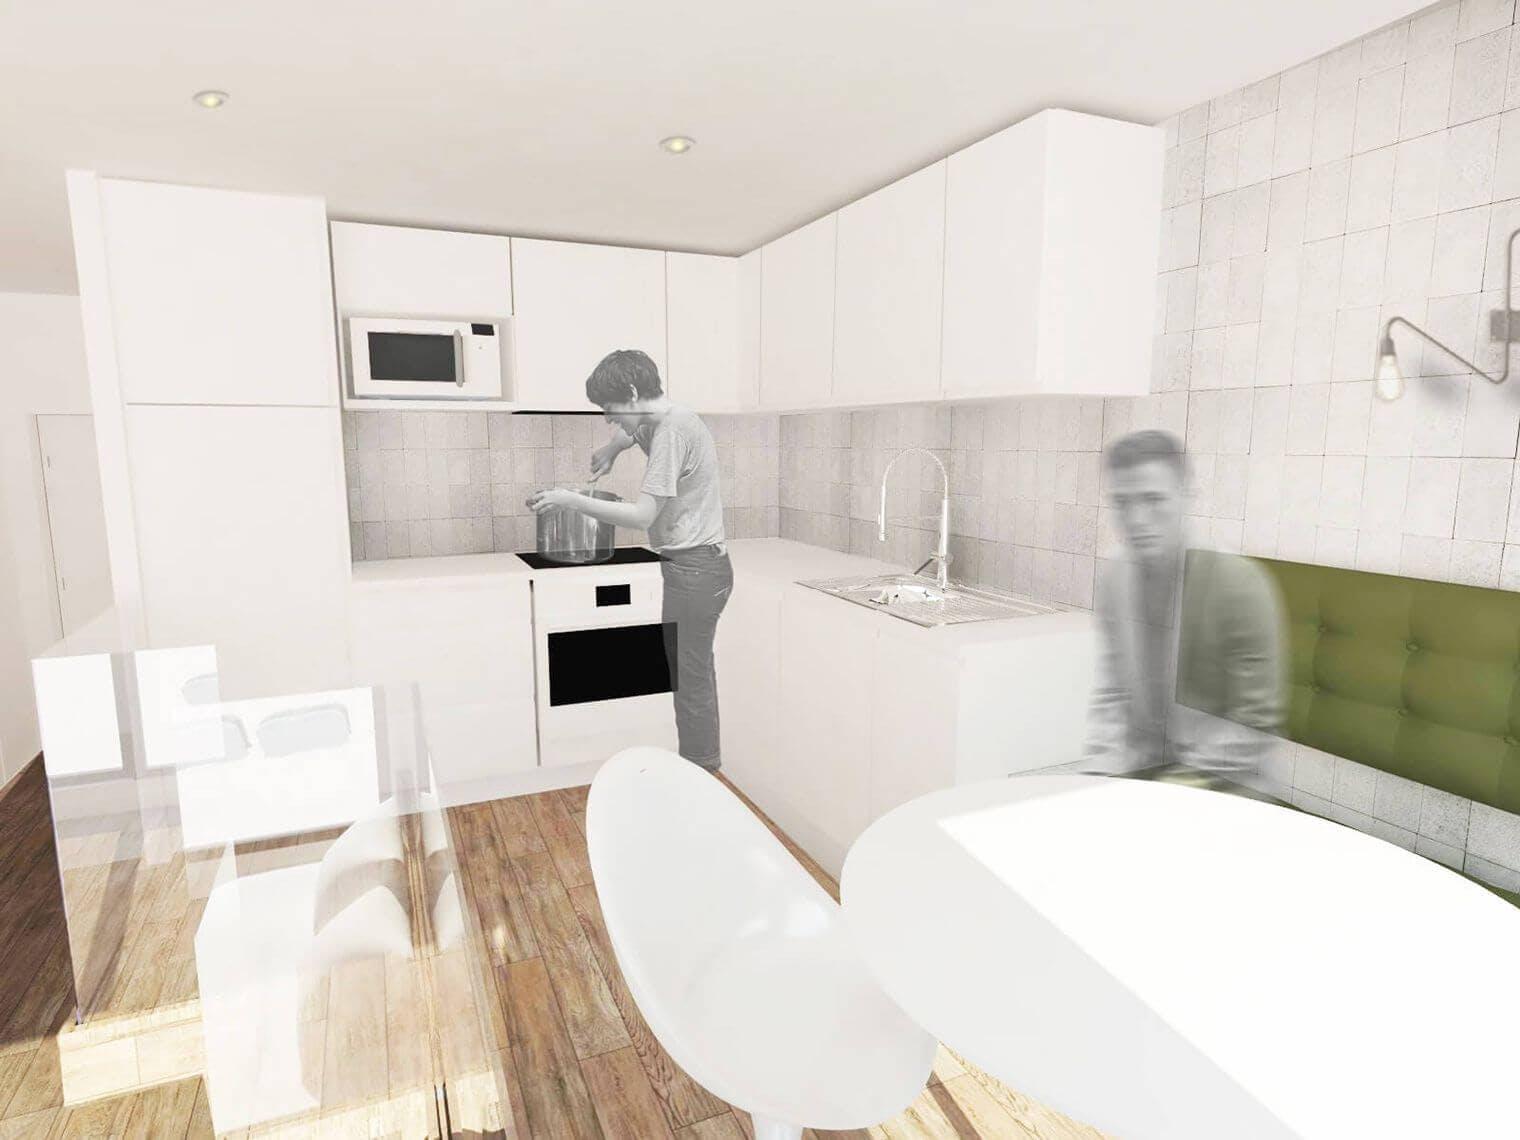 Rénovation coin cuisine - Plan 3D